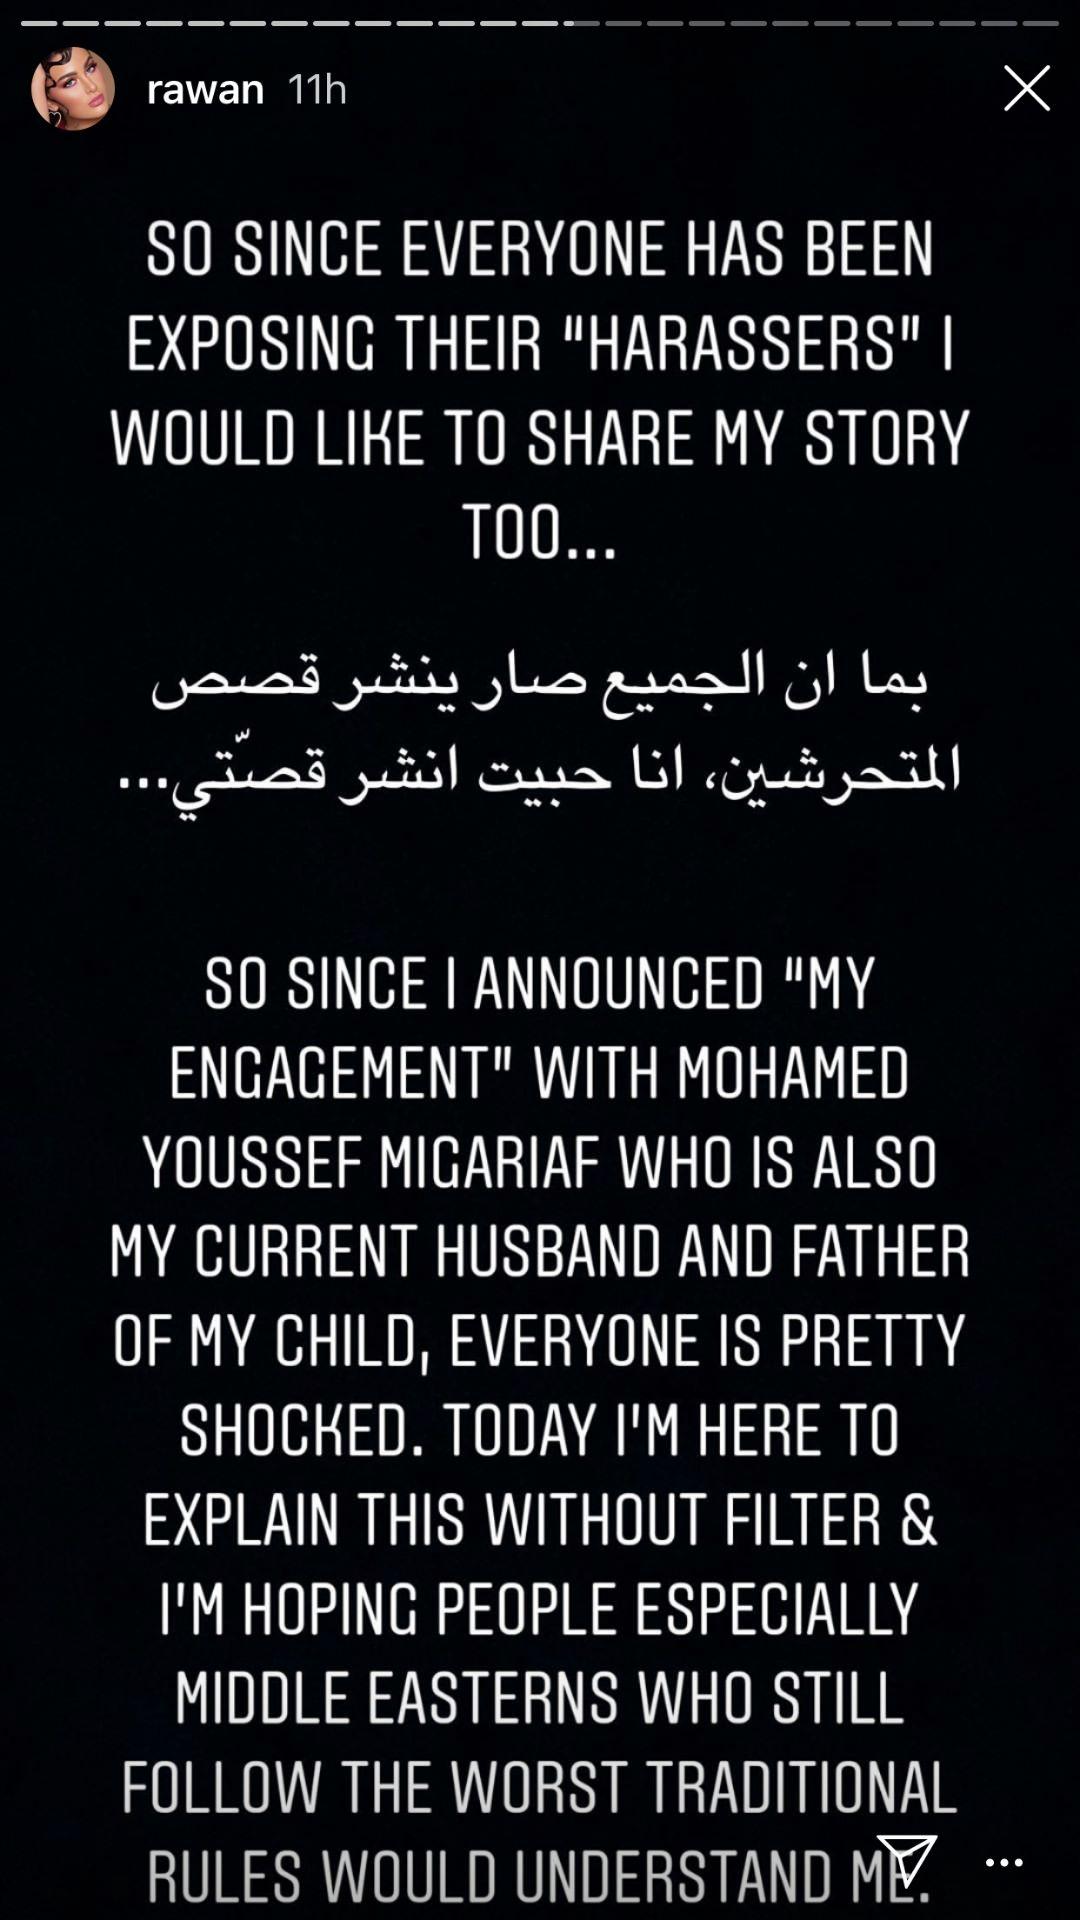 روان بن حسين تعلن طلاقها من زوجها الليبي يوسف المقريف